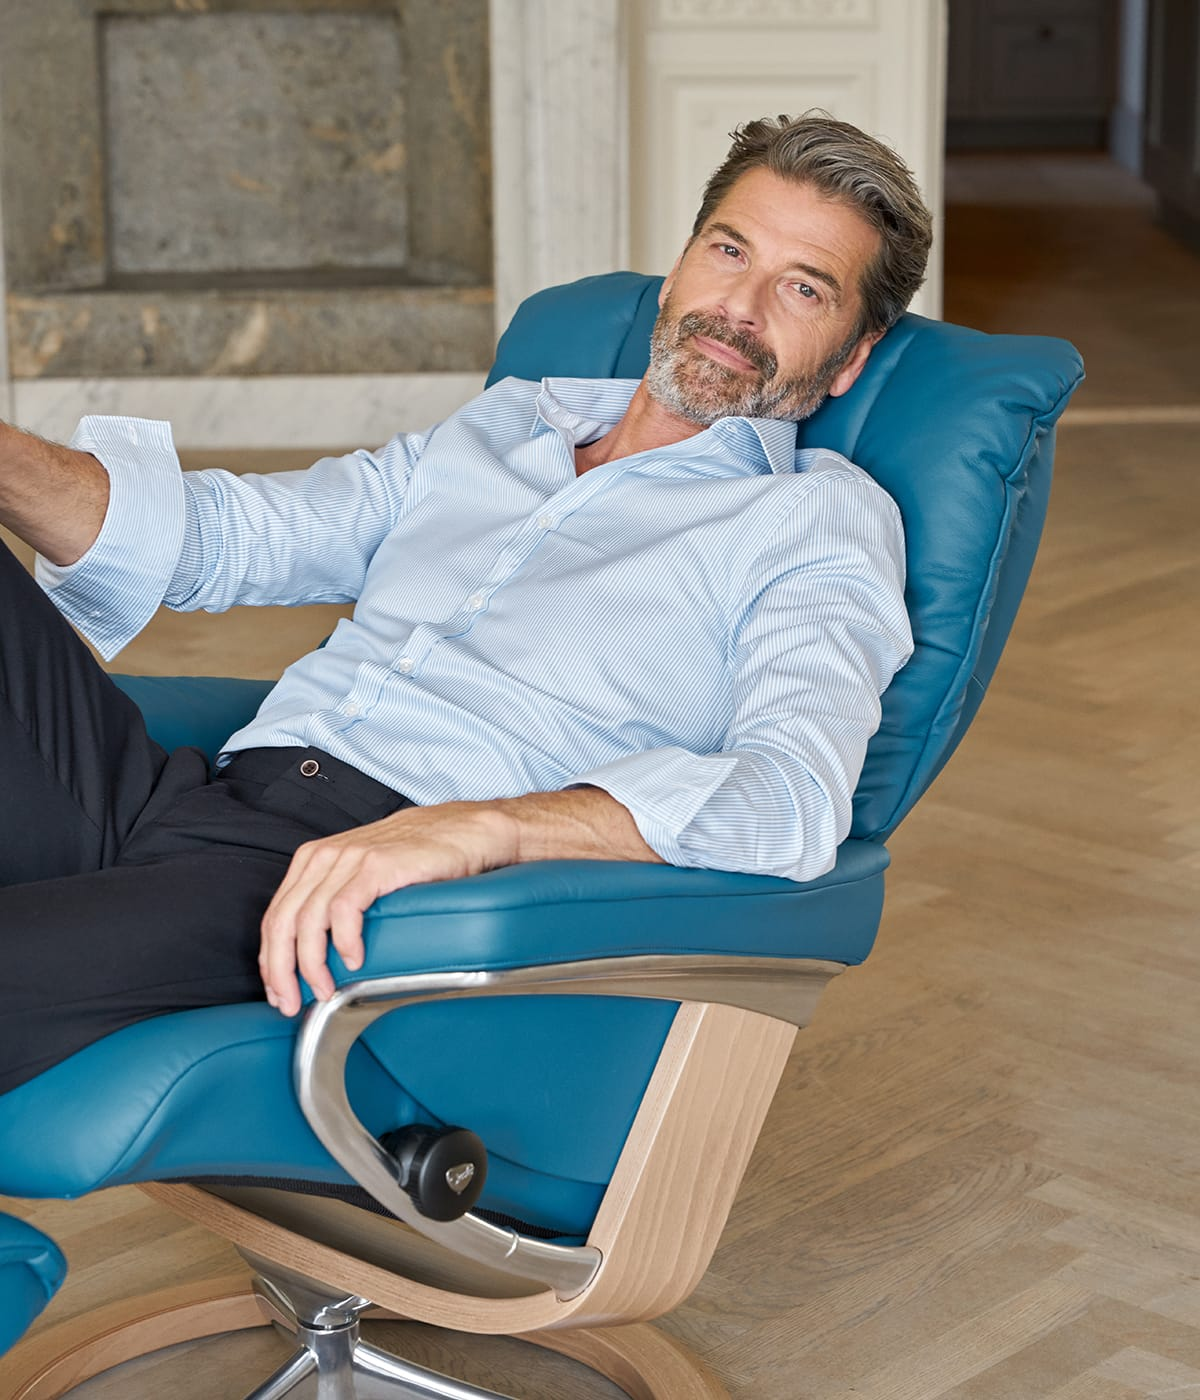 Gemütlich in den Stressless Mayfair Sessel setzen und los gehts mit den liebsten Filme aus Norwegen.